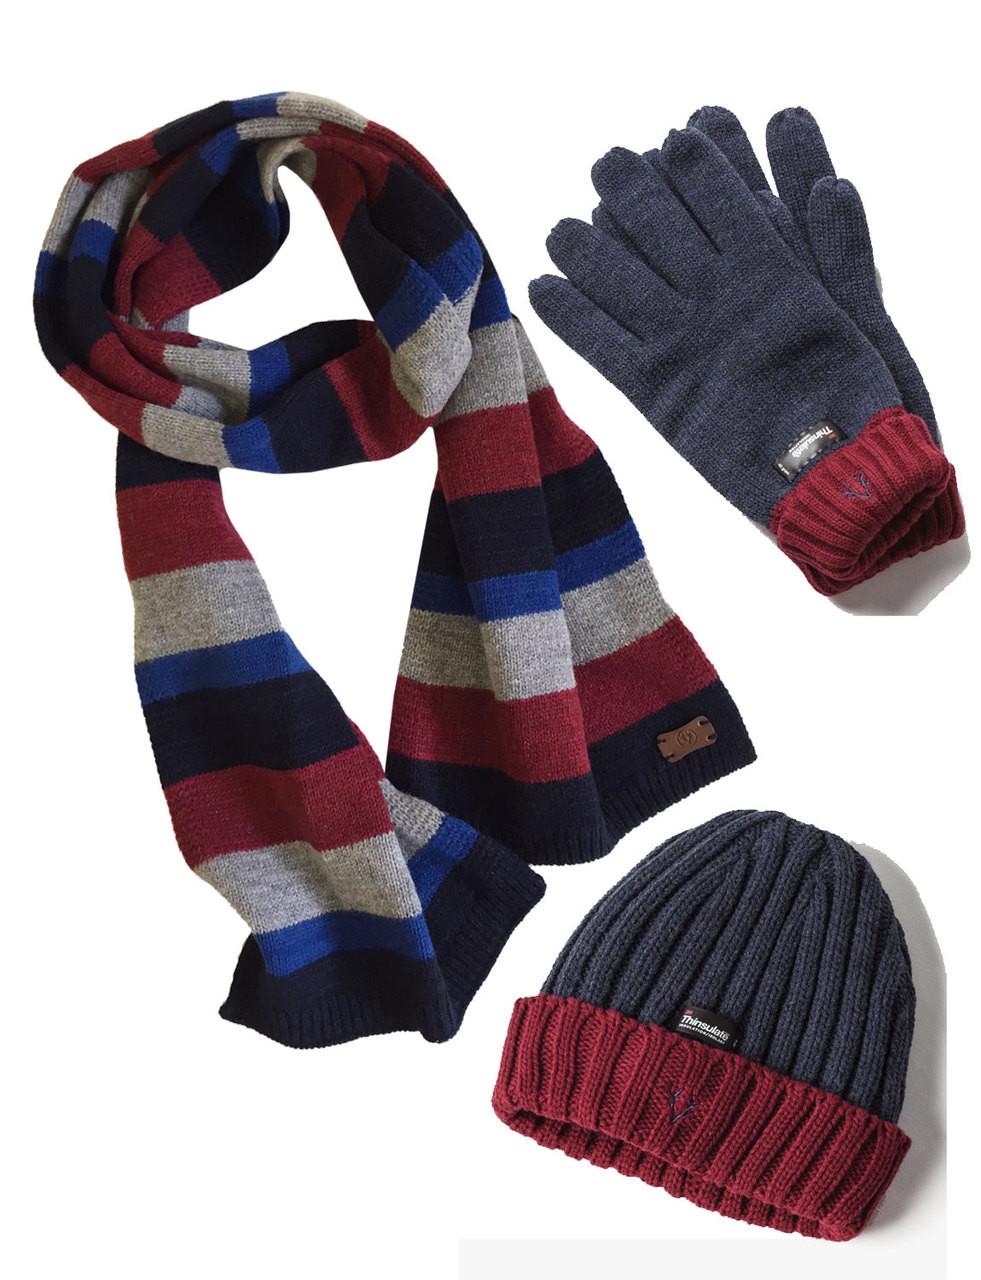 d503dc66b10 Men s Hat Glove Scarf set (3022) Navy Denim Wool - Vedoneire